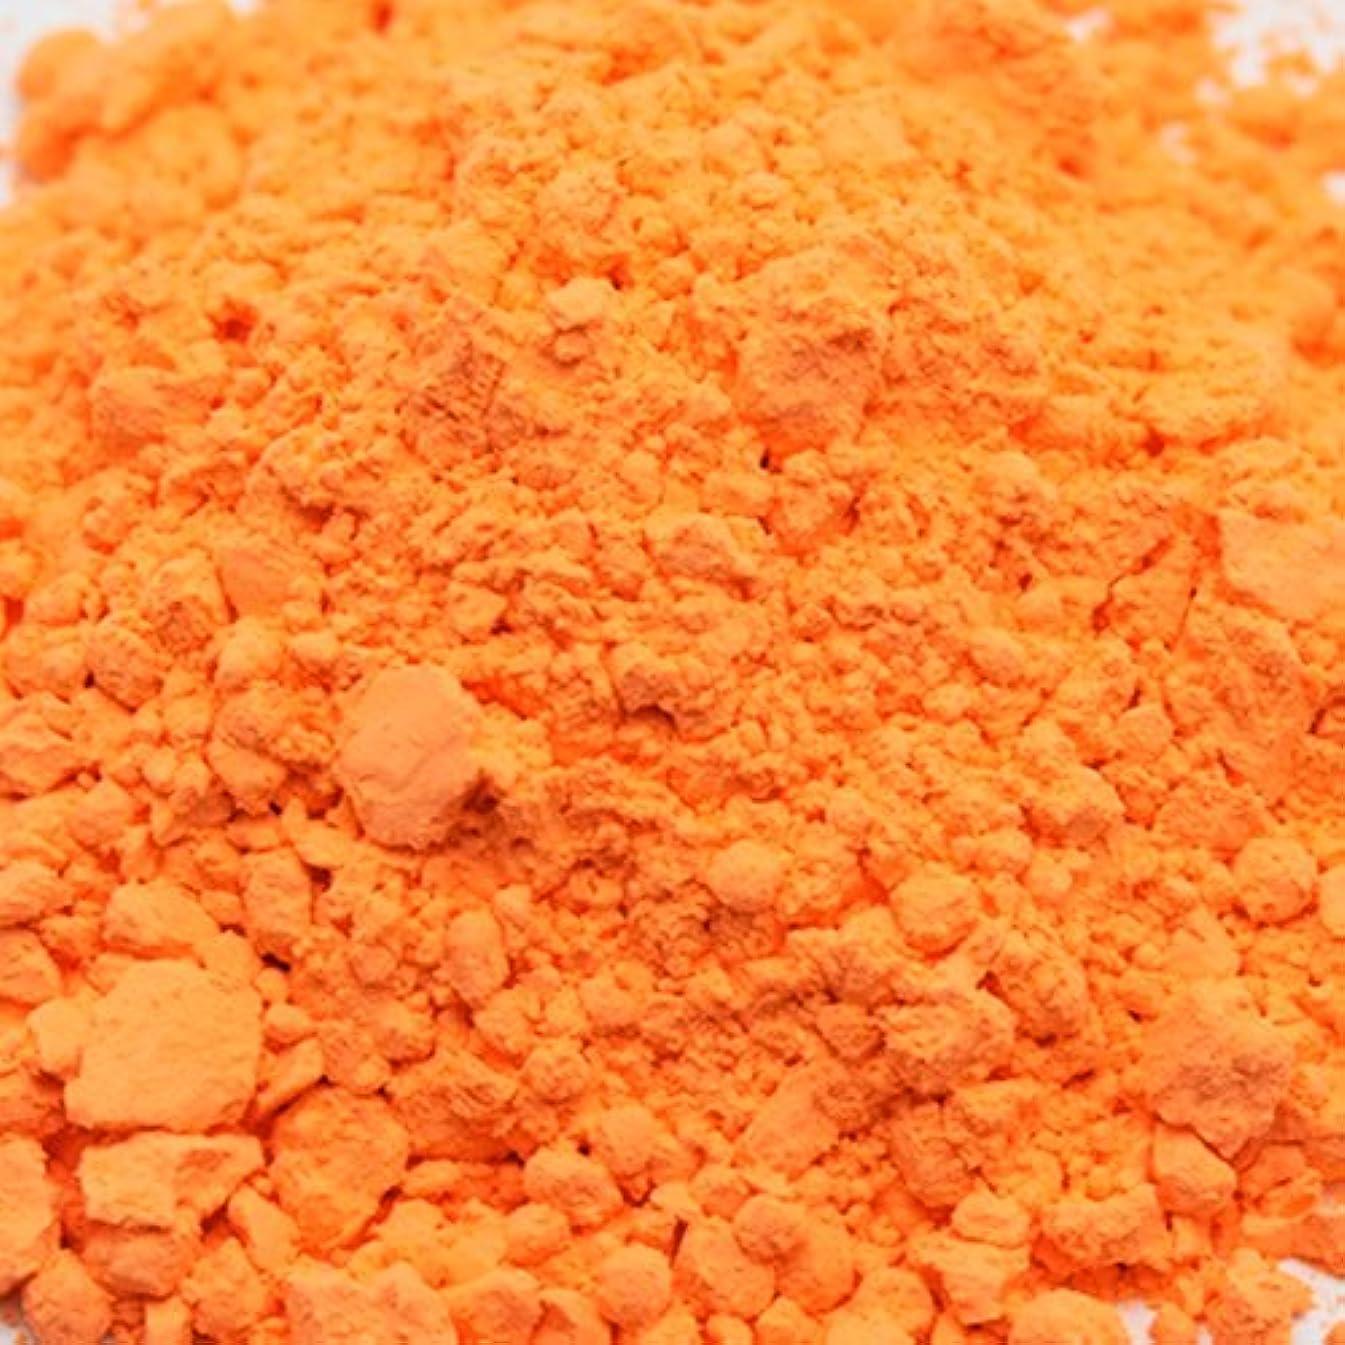 キャンディカラー オレンジ 20g 【手作り石鹸/手作りコスメ/色付け/カラーラント/オレンジ】